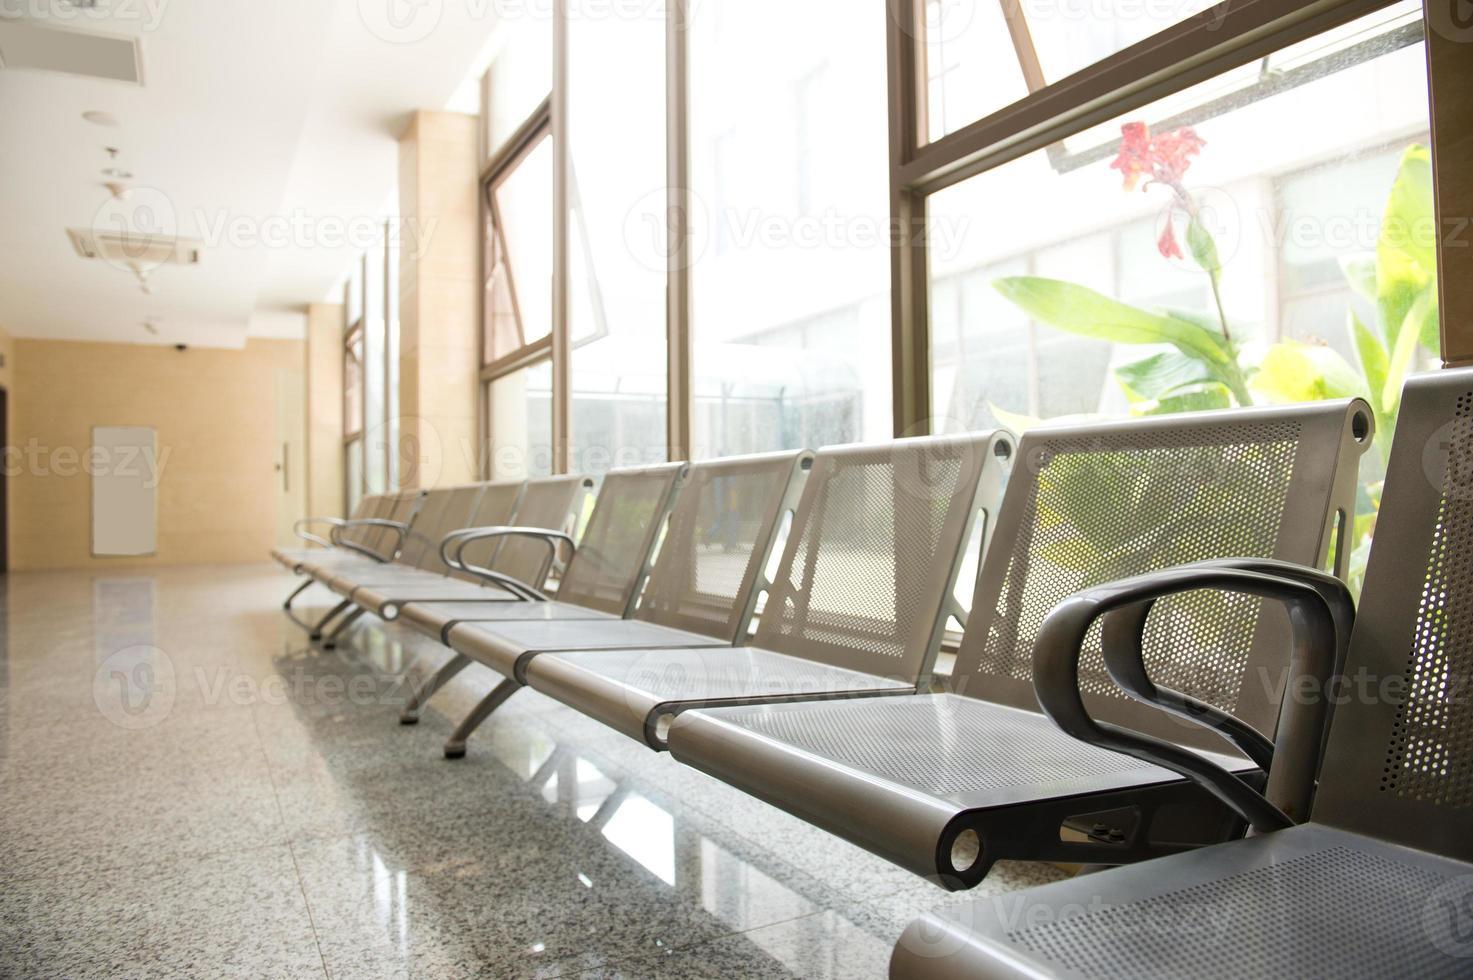 sala de espera de un hospital con sillas foto